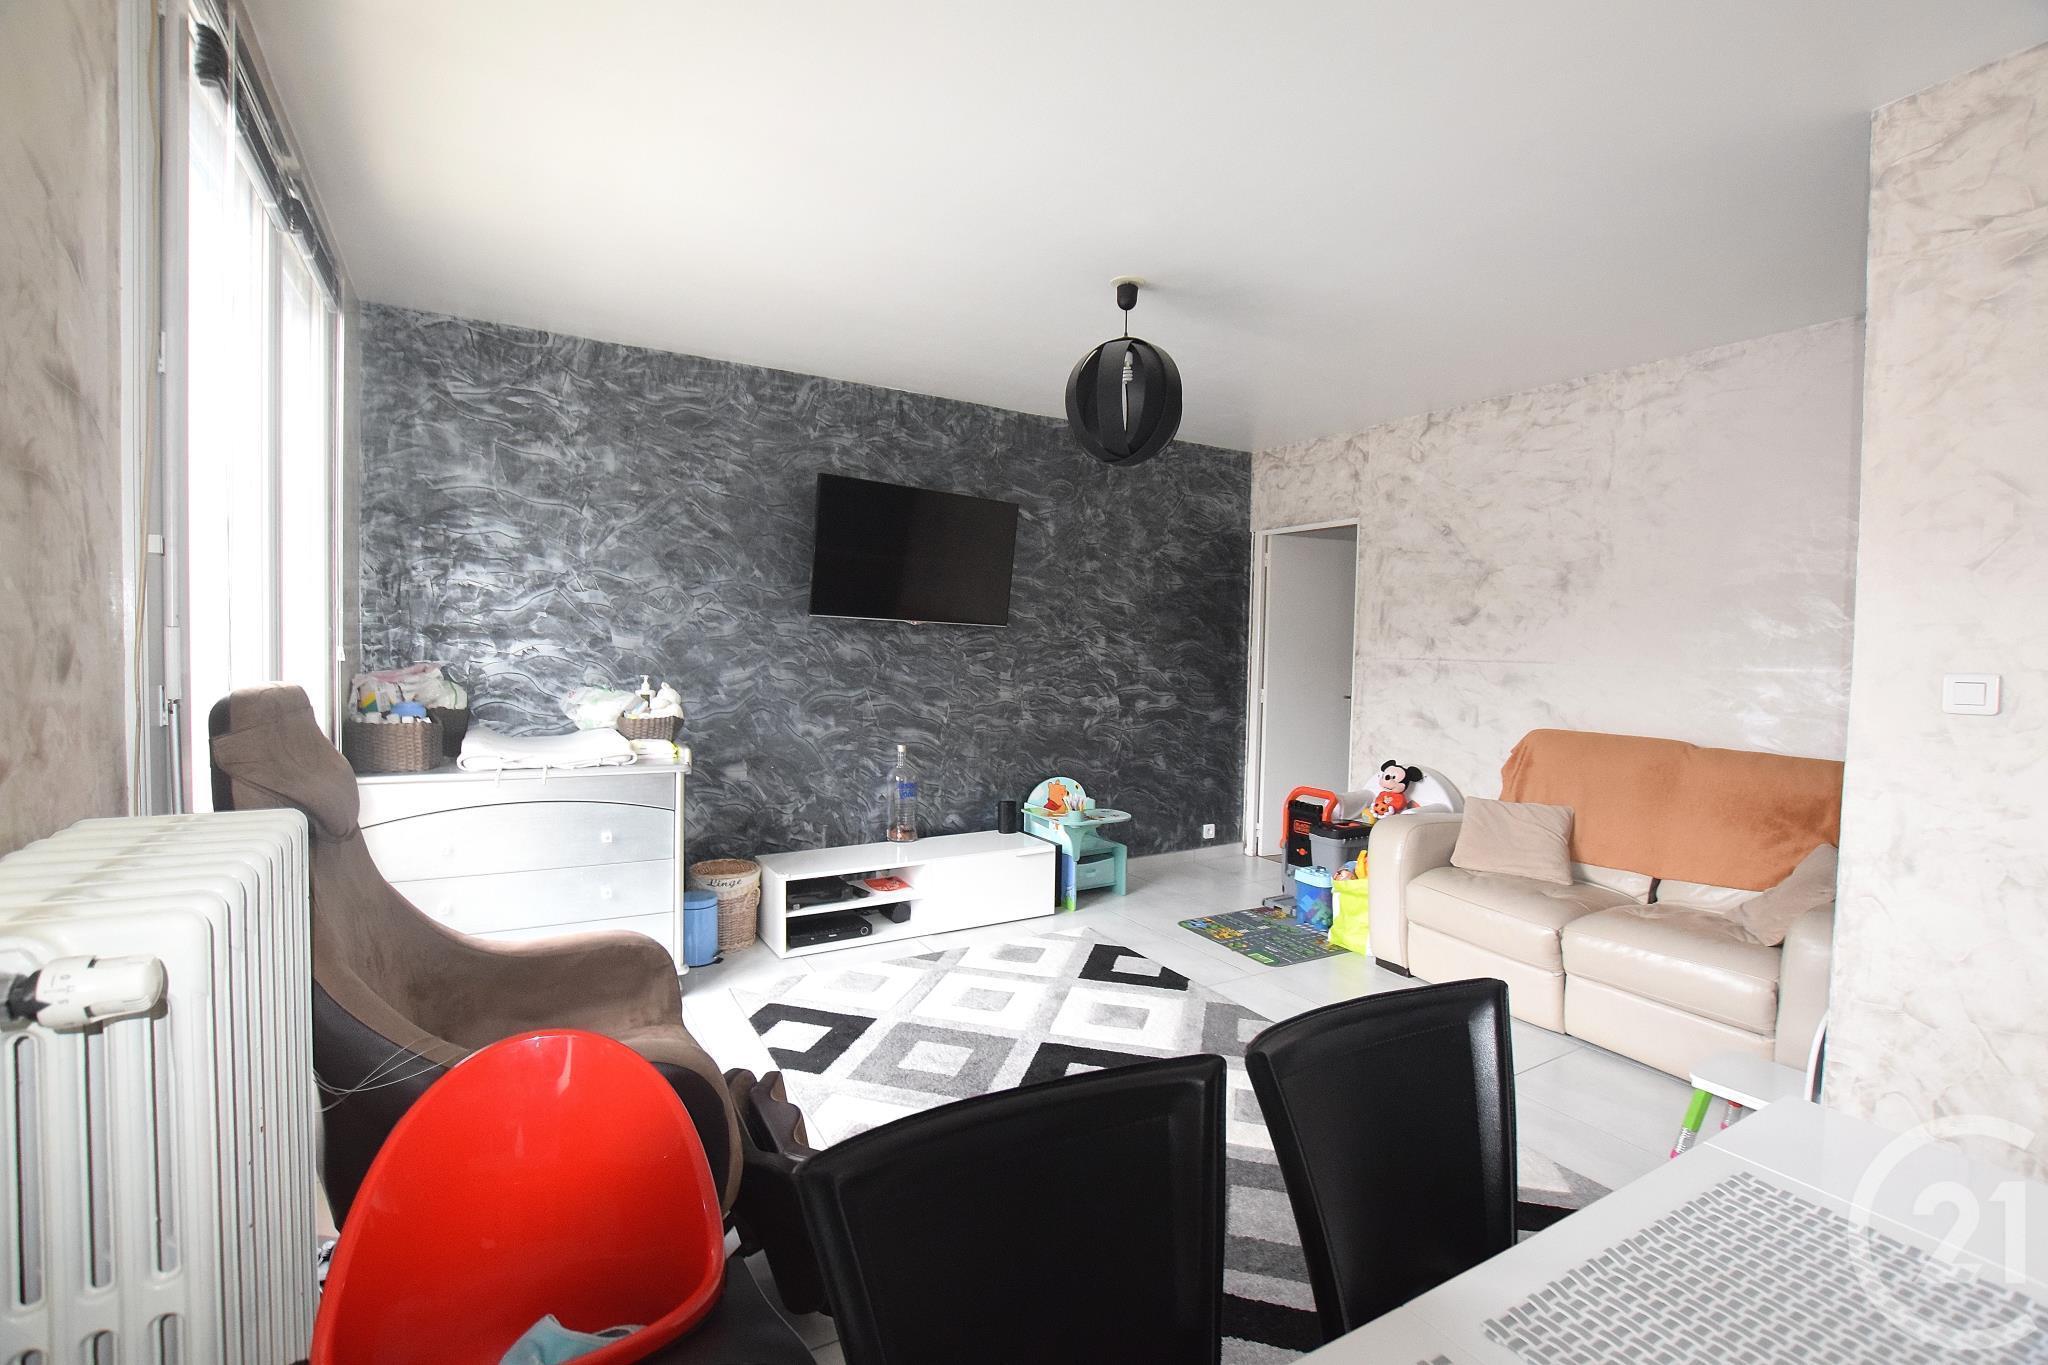 Vente appartement loire 42 annonces appartements vendre for Garage lapeyre rive de gier